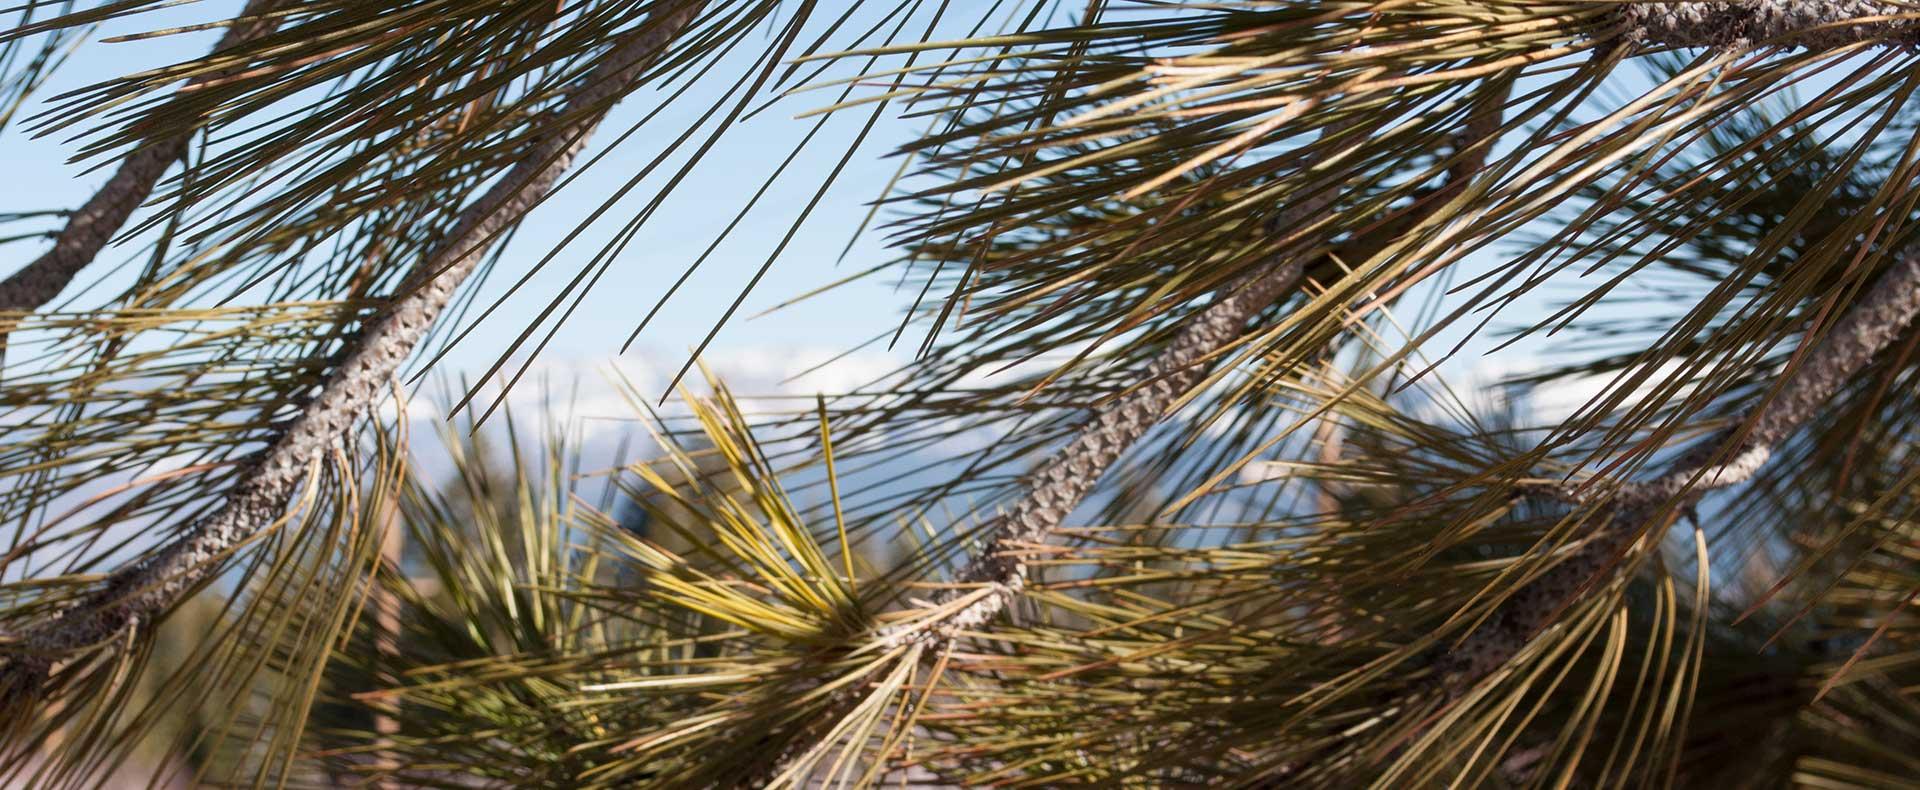 Vegetative Waste Management | Tahoe Donner